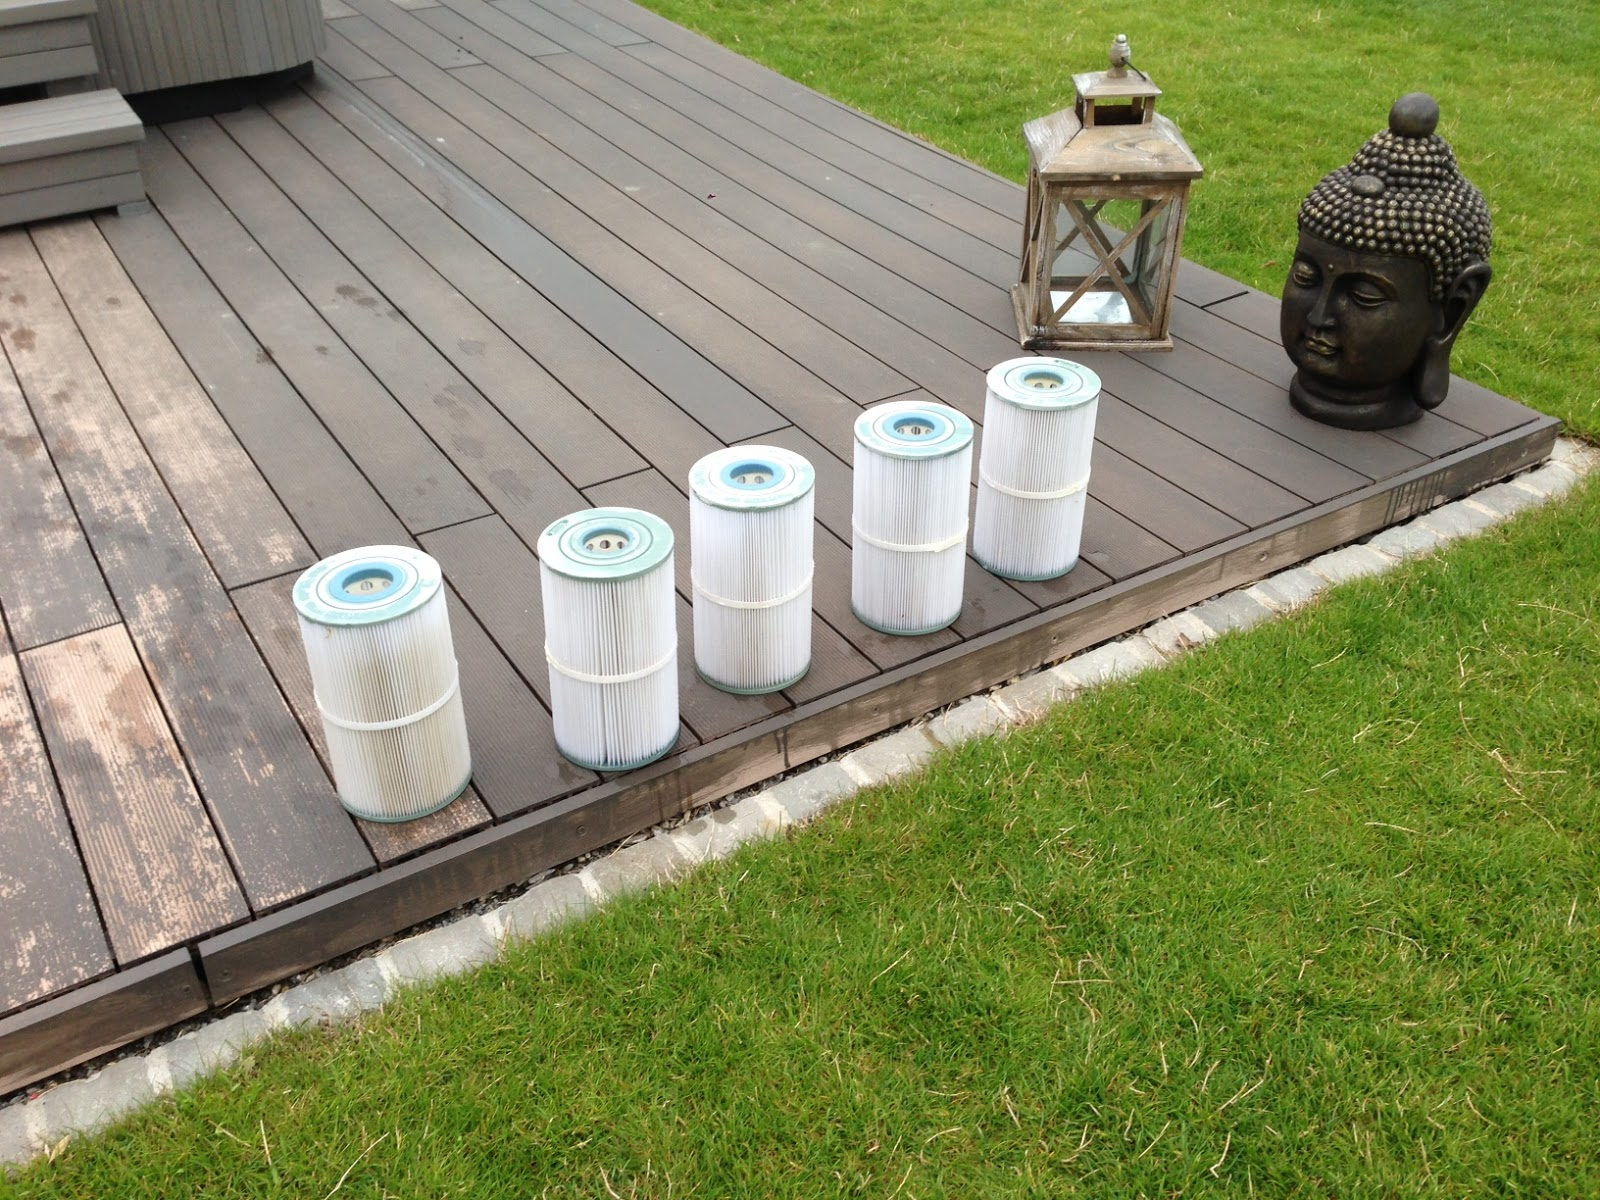 Bautagebuch zu unserem traumhaus jette joop europe - Pool filter reinigen ...